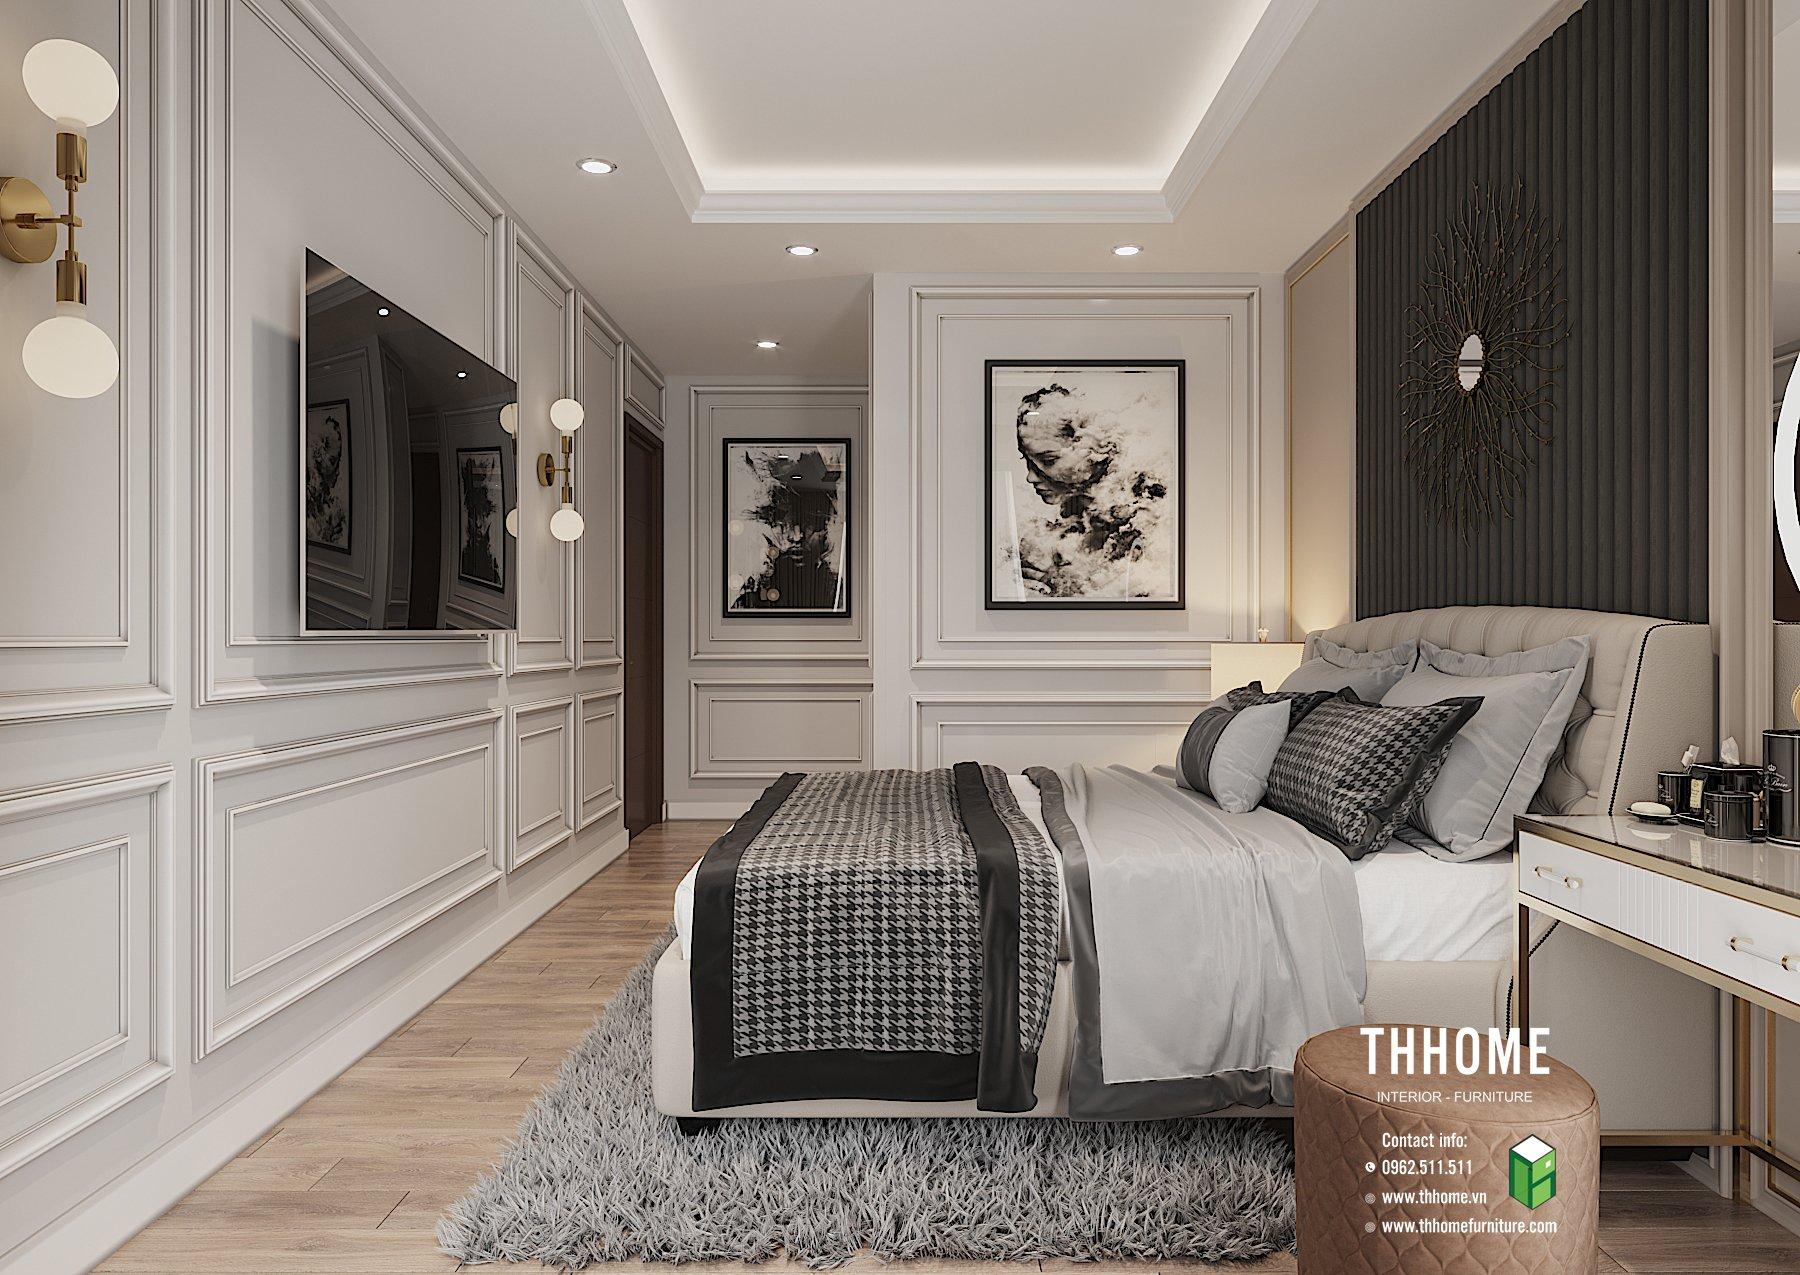 Phòng ngủ thiết kế thông minh, không gian mang nét nghệ thuật đương đại